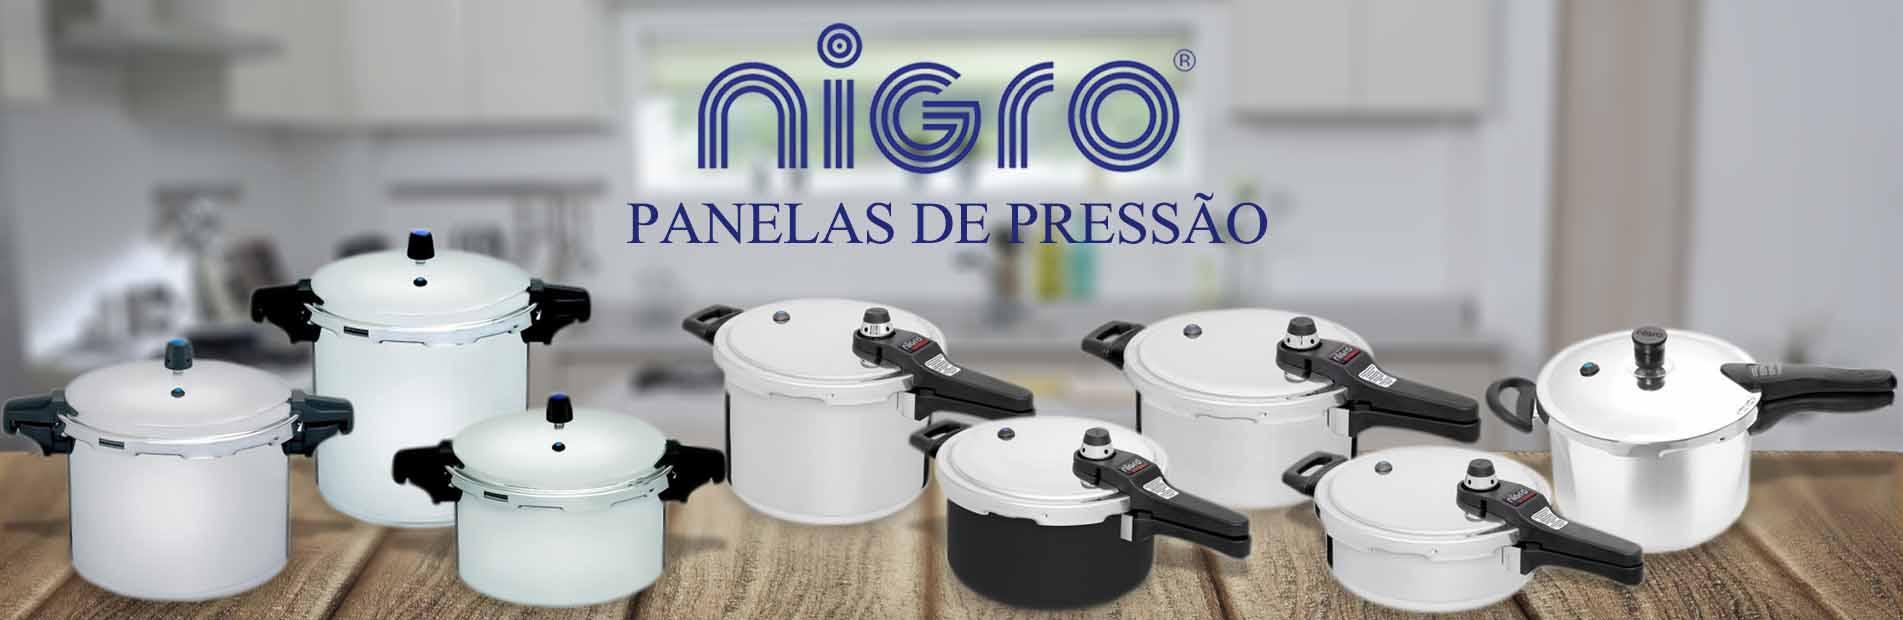 Panelas de pressão Nigro